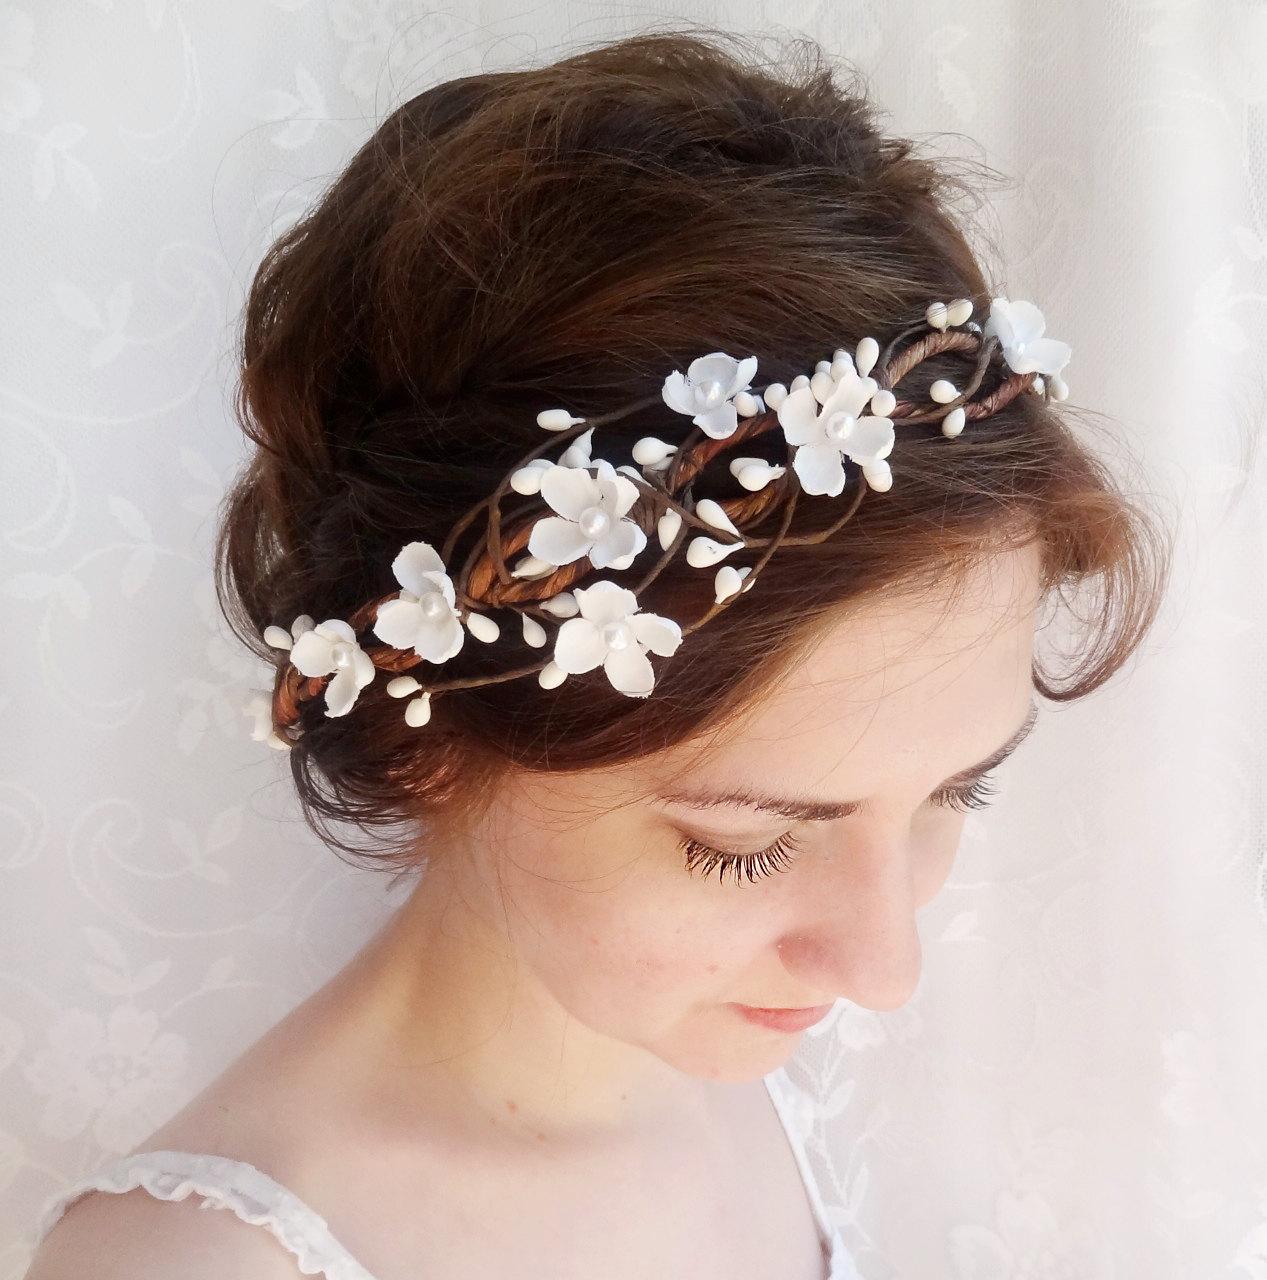 hair accessories, wedding flower headpiece, white flower crown